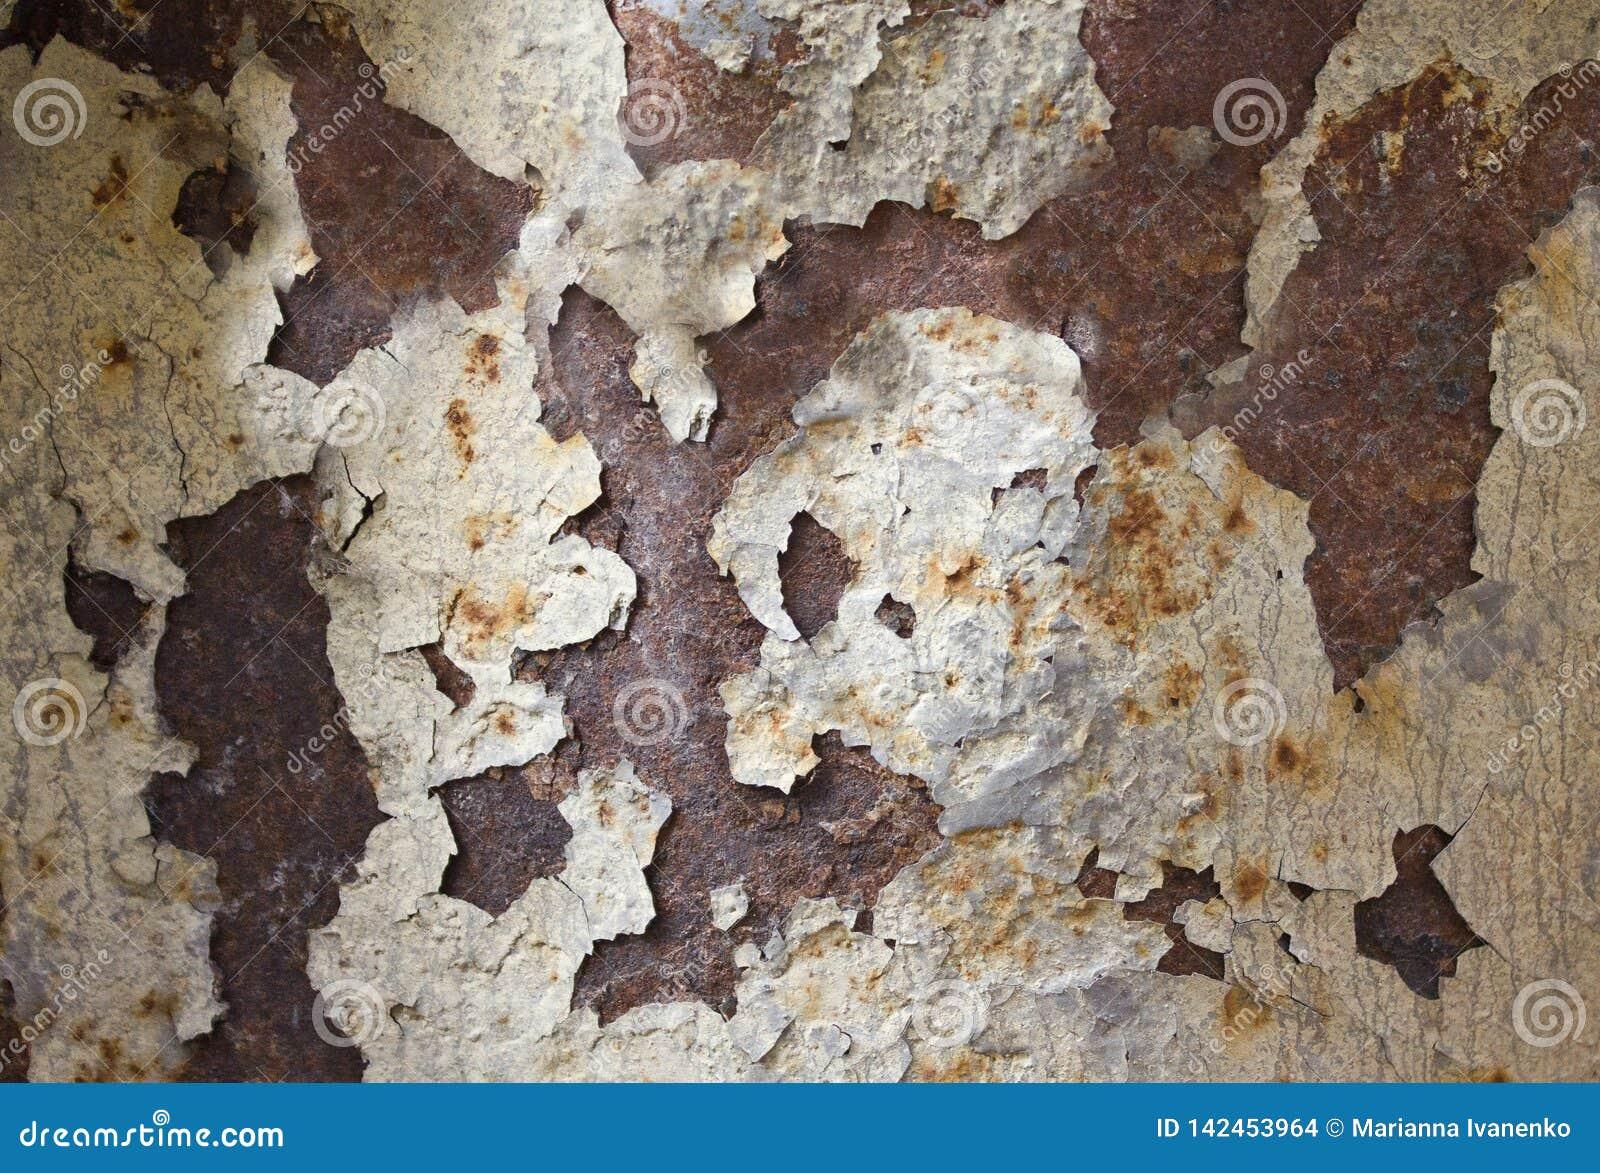 Ржавая металлическая текстура фото со слезать краску